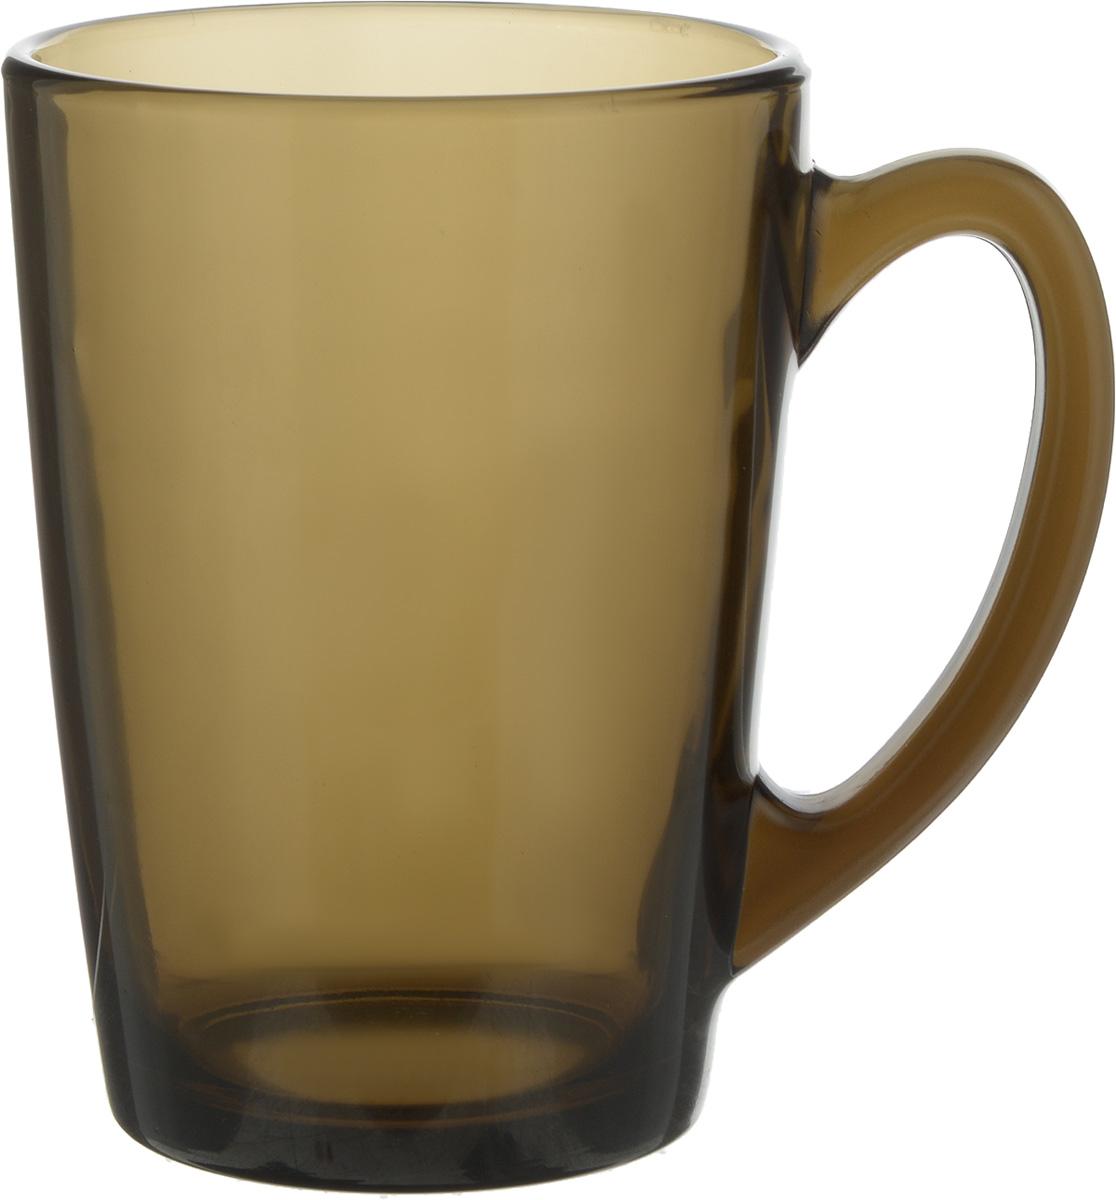 Кружка Luminarc Morning, 320 млL4802Кружка Luminarc Morning изготовлена из ударопрочного стекла. Изделие дополнено удобной ручкой. Такая кружка прекрасно подойдет для горячих и холодных напитков. Она дополнит коллекцию вашей кухонной посуды и будет служить долгие годы. Бренд Luminarc - это один из лидеров мирового рынка по производству посуды и товаров для дома. В основе процесса изготовления лежит высококачественное сырье, а также строгий контроль качества. Товары для дома Luminarc уважают и ценят во всем мире, а многие эксперты считают данного производителя эталоном совершенства. Объем кружки: 320 мл. Диаметр кружки (по верхнему краю): 7,5 см. Высота стенки кружки: 11 см.